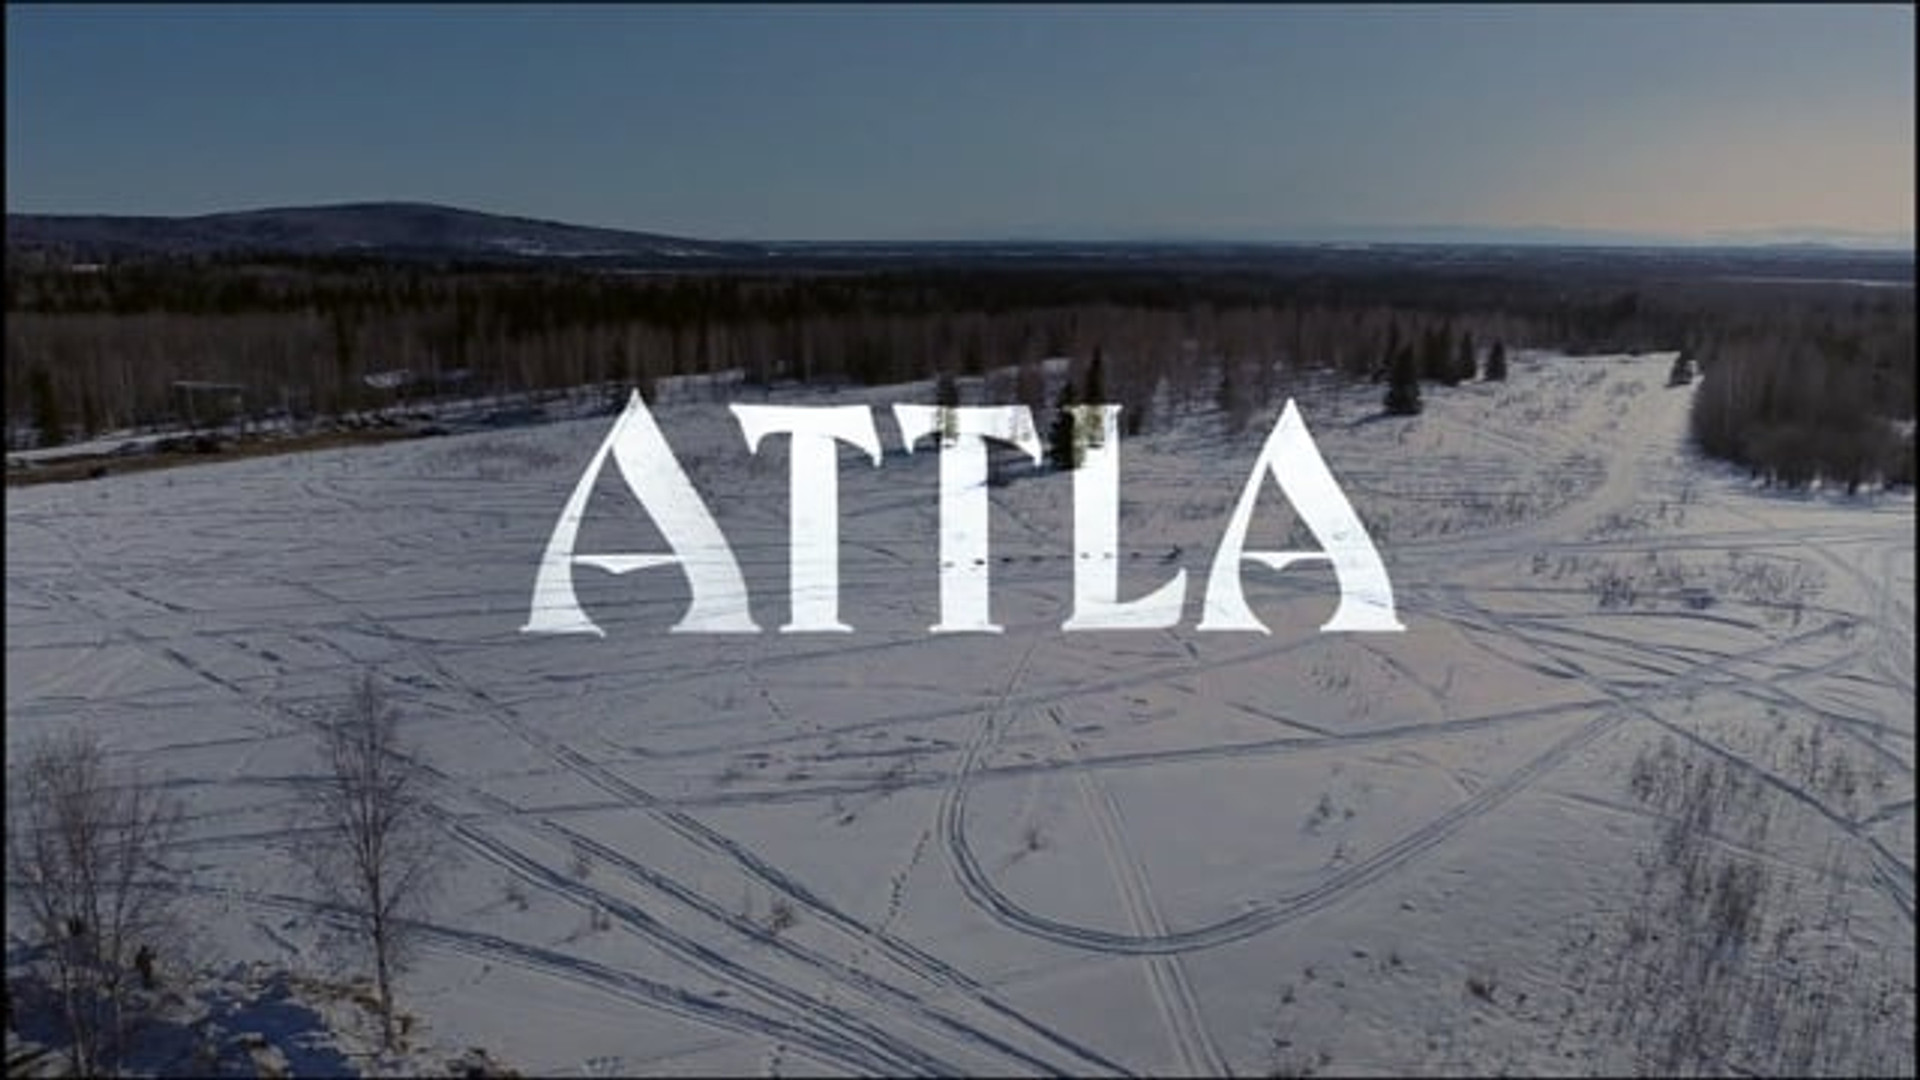 Attla Main Title Animation